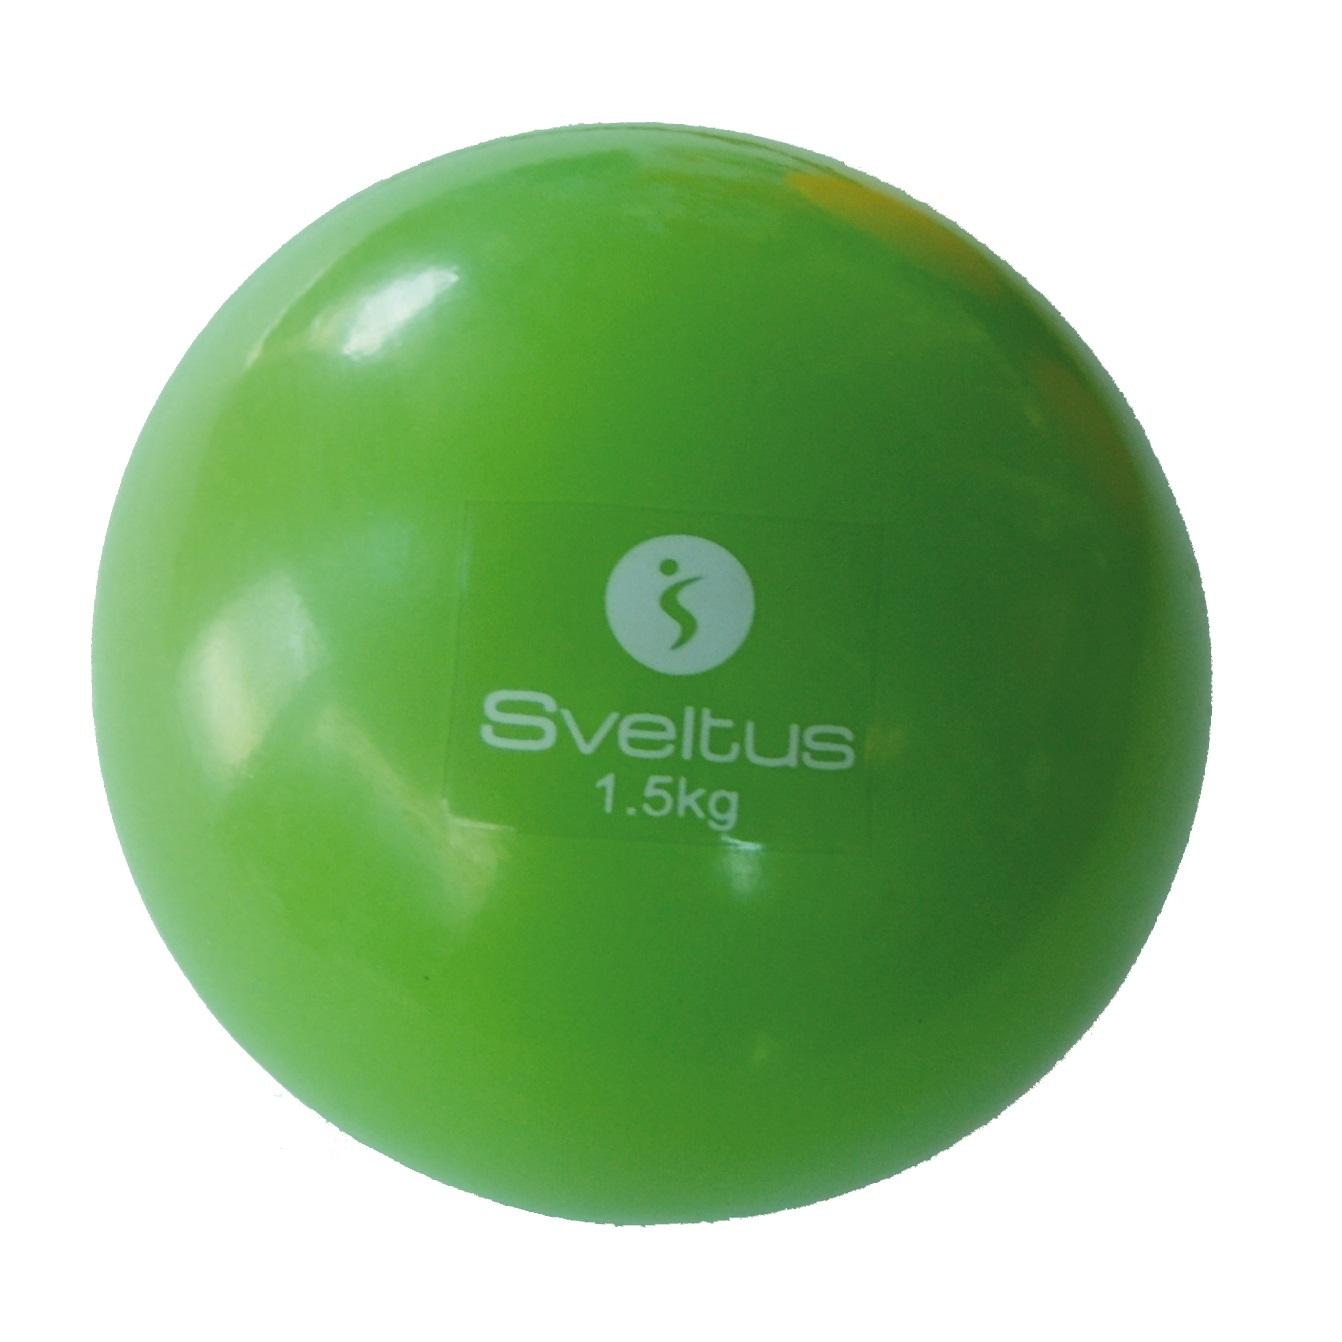 Sveltus Balle Lestée 0,5 kg